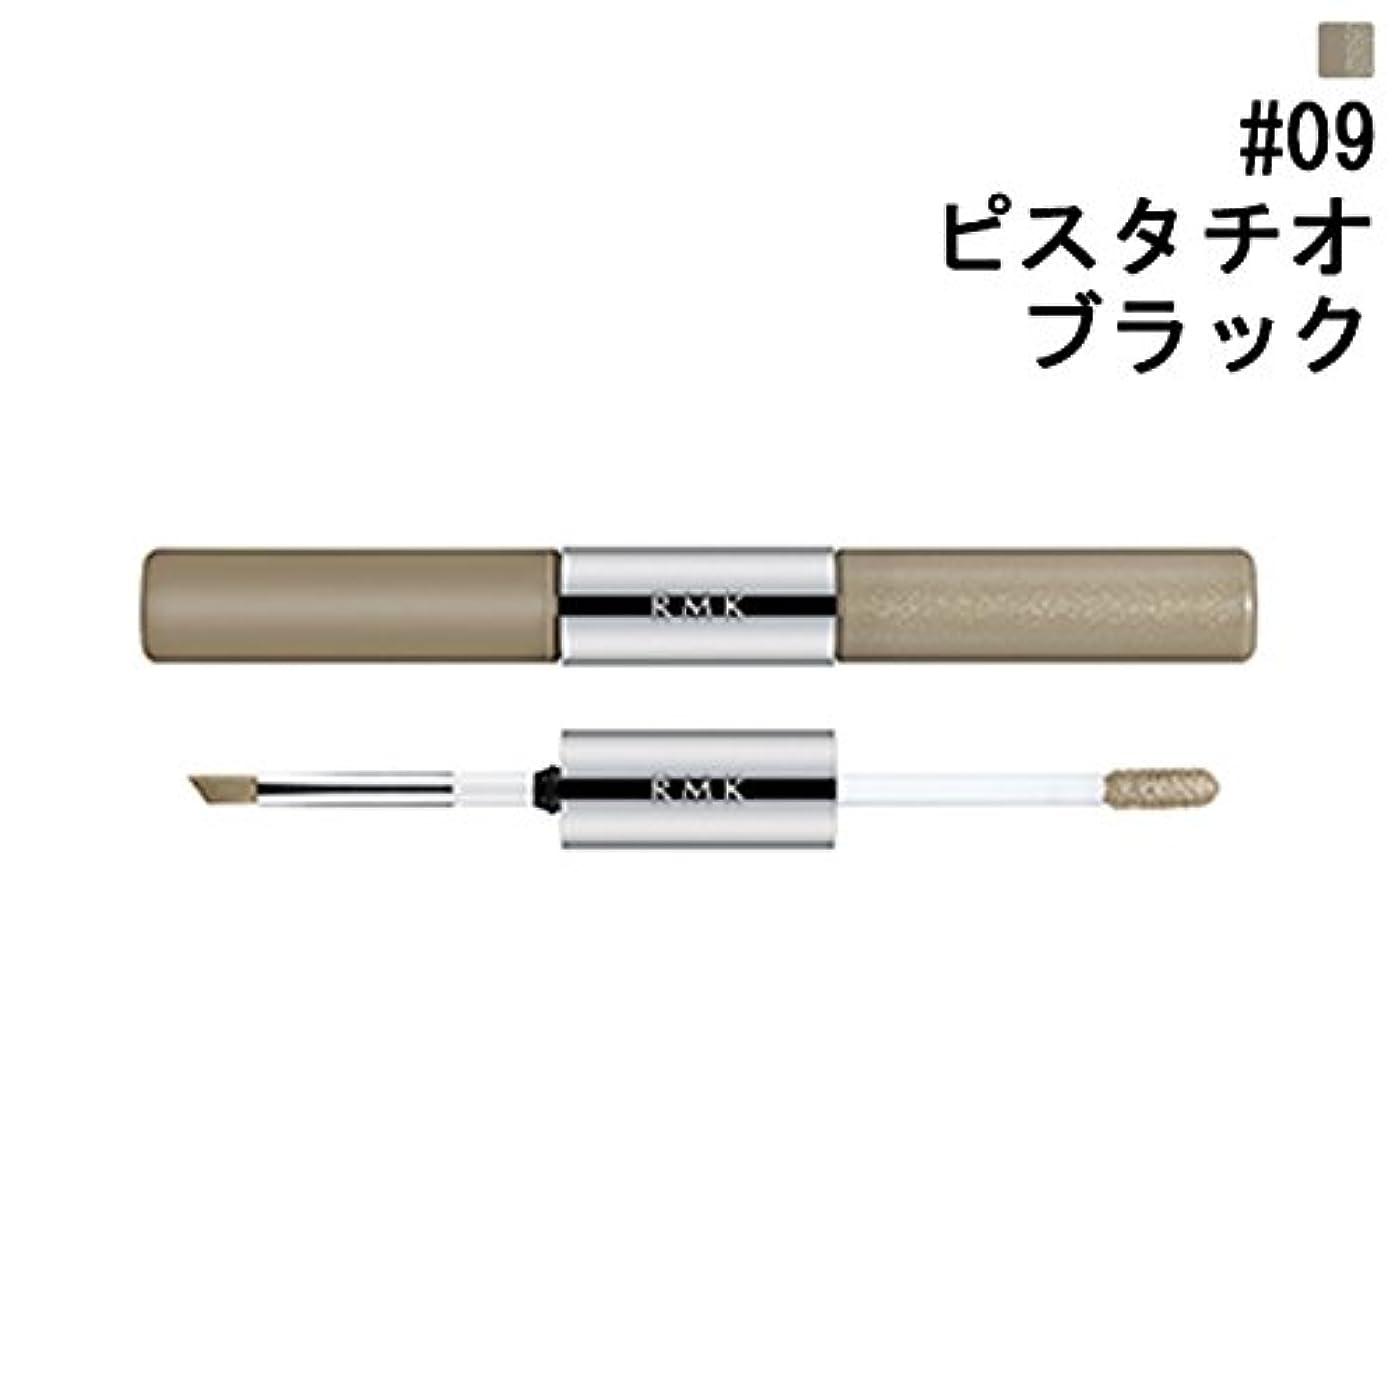 ティーム作曲するグローバル【RMK アイシャドウ】 W ウォーター アイズ カラー インク 09 [並行輸入品]